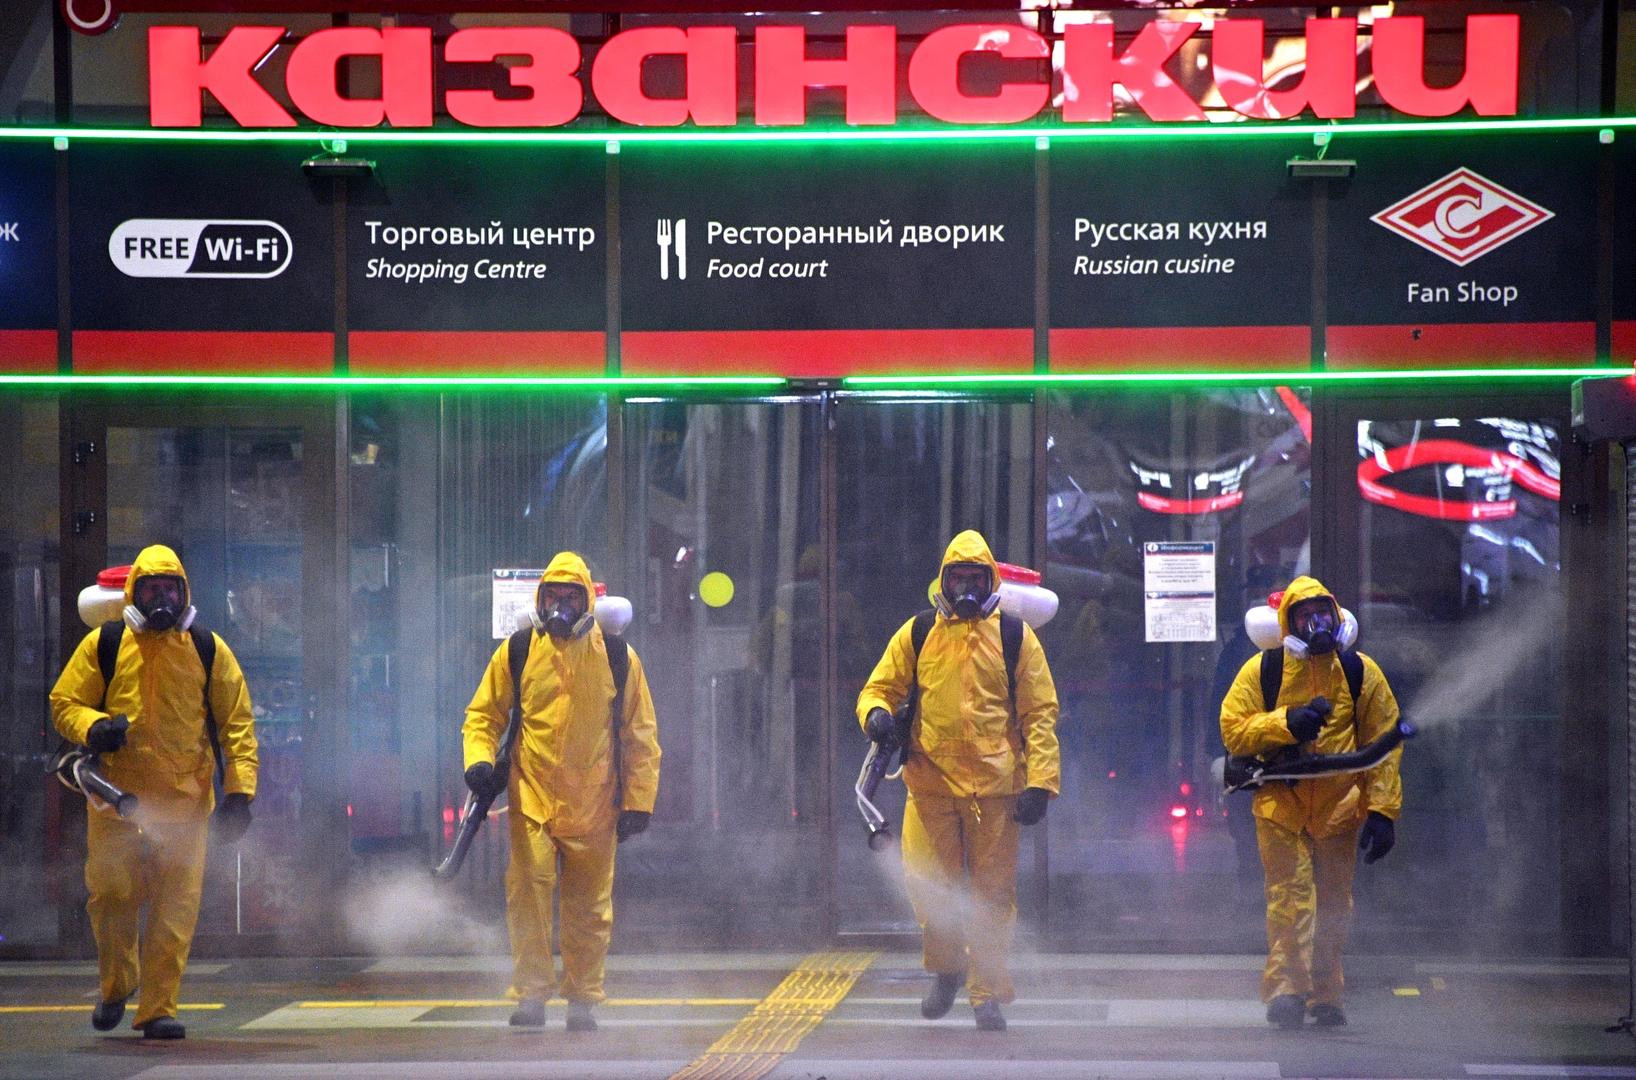 روسيا.. 178 وفاة جراء كورونا خلال يوم وانخفاض لليوم الثالث في الإصابات الجديدة